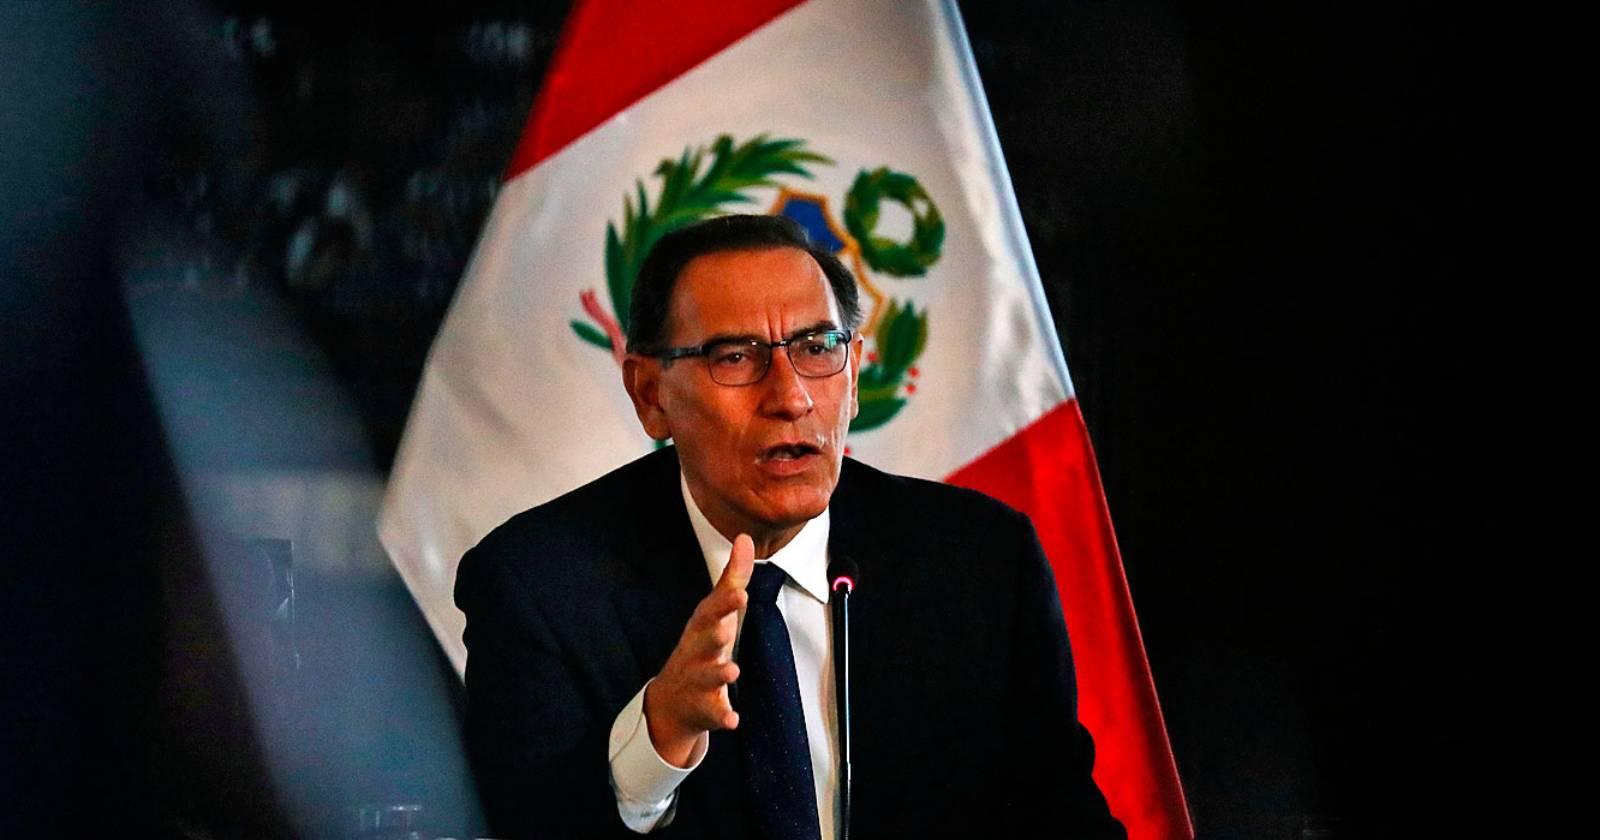 Justicia de Perú prohíbe a Vizcarra salir del país durante los próximos 18 meses